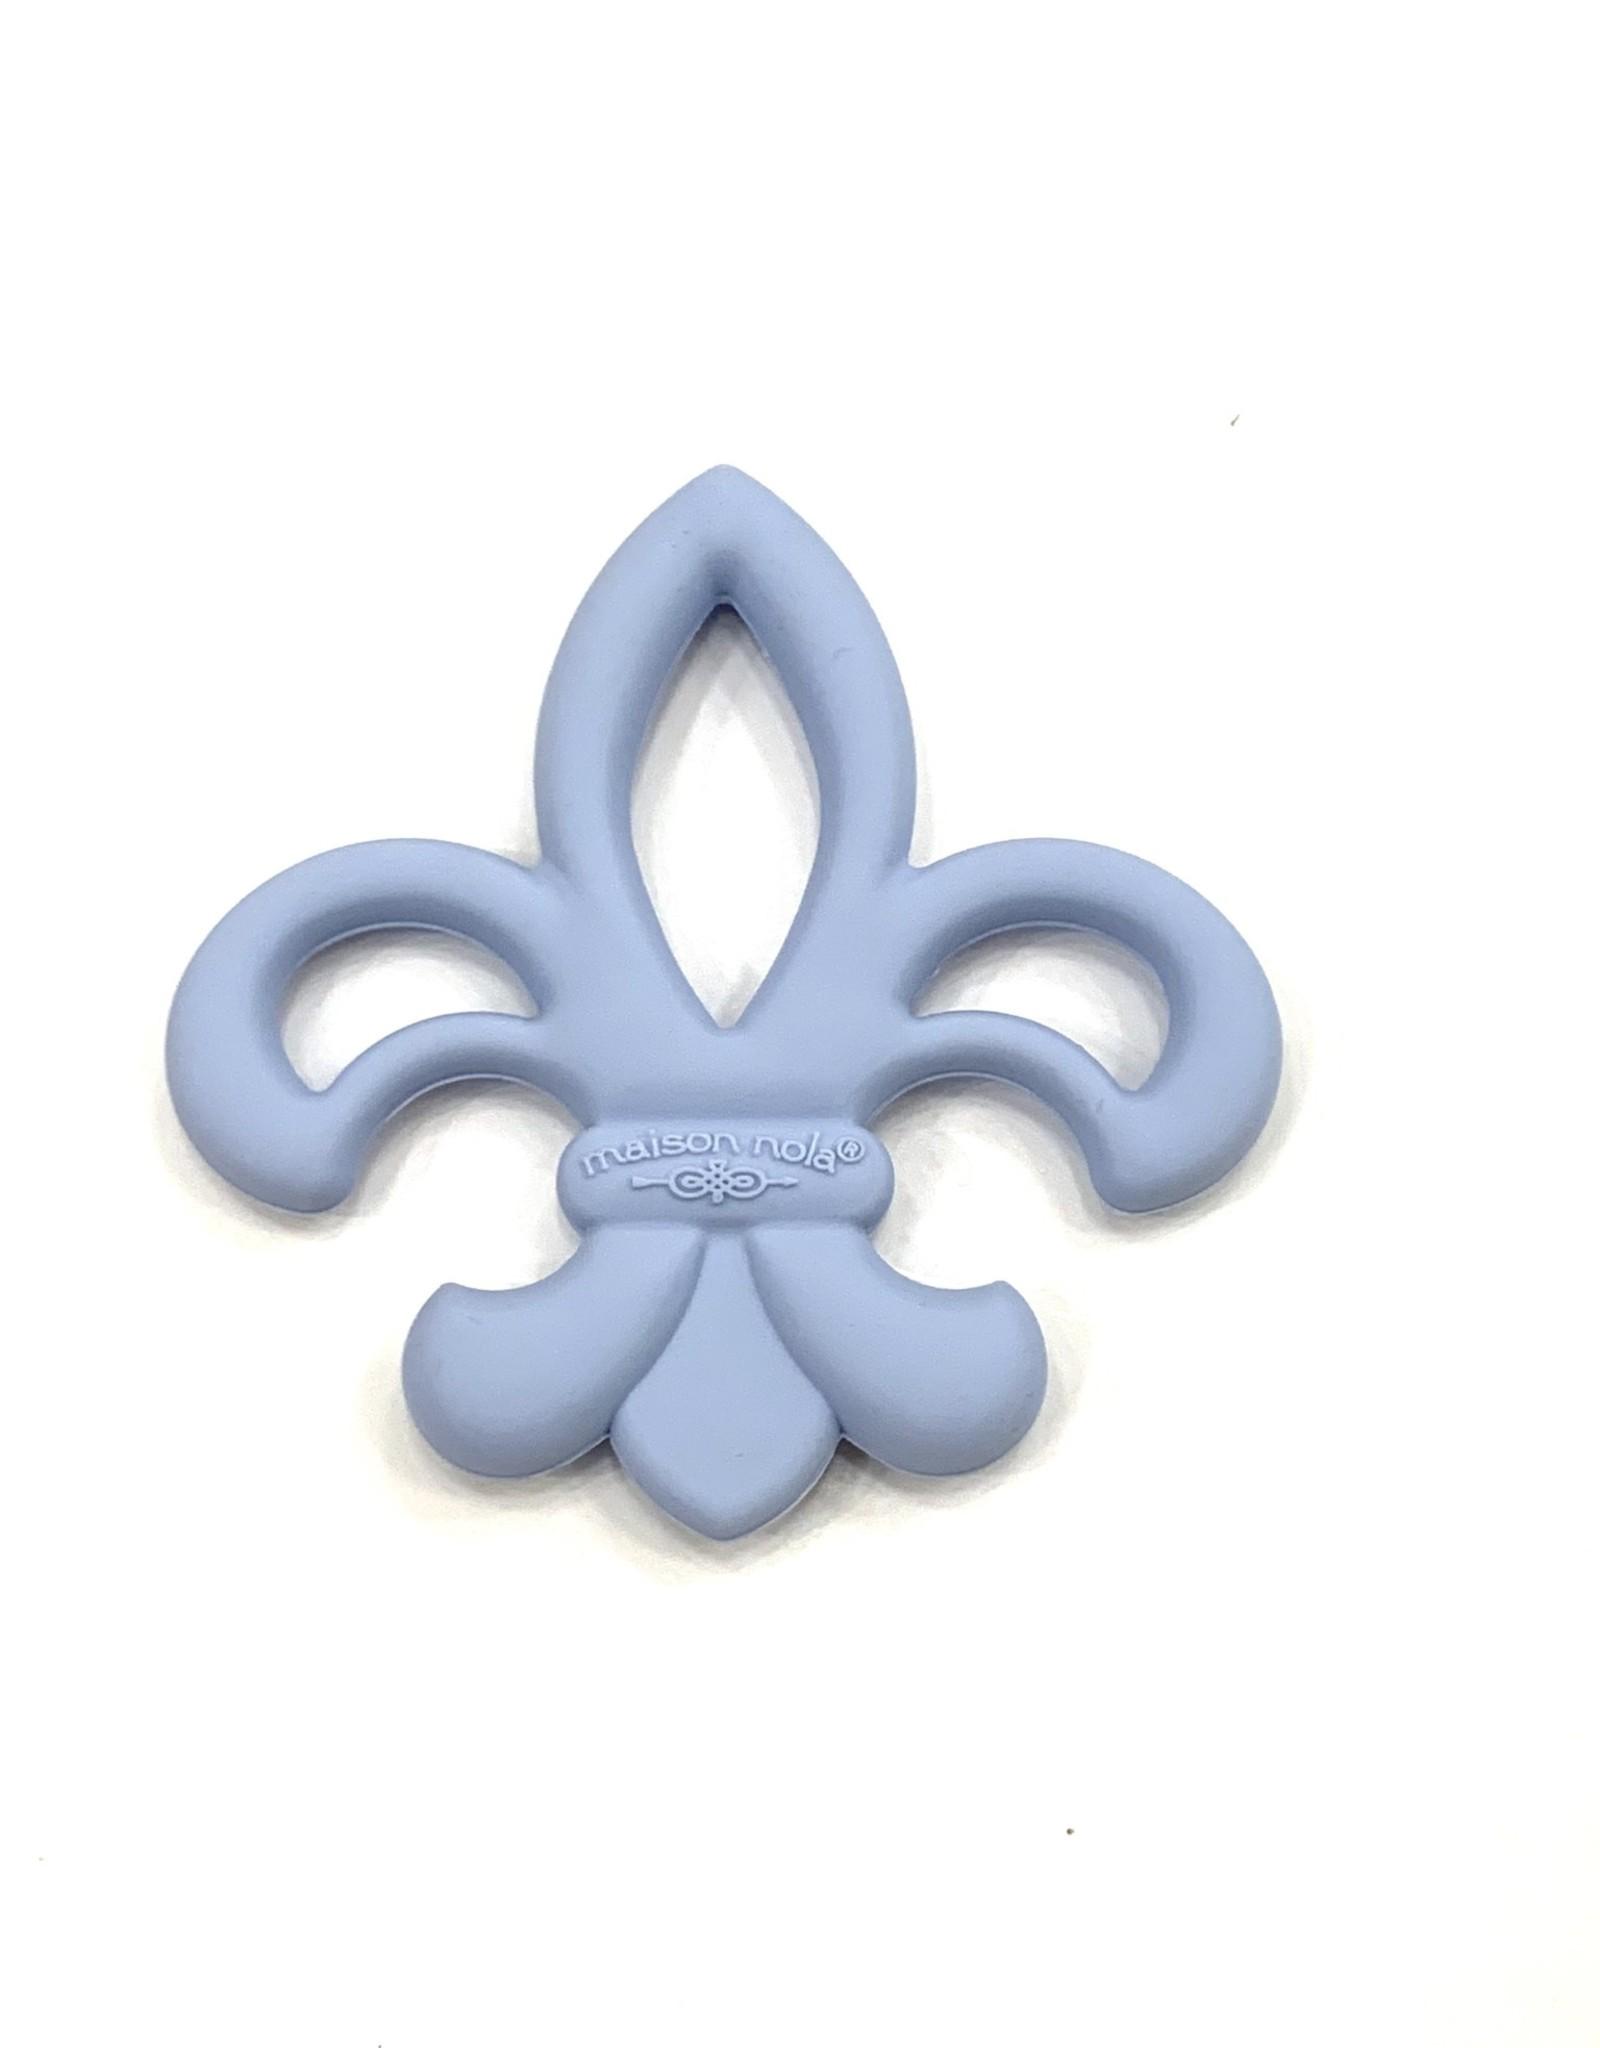 Maison Nola Tiny Tchoups Fleurdelis Teether